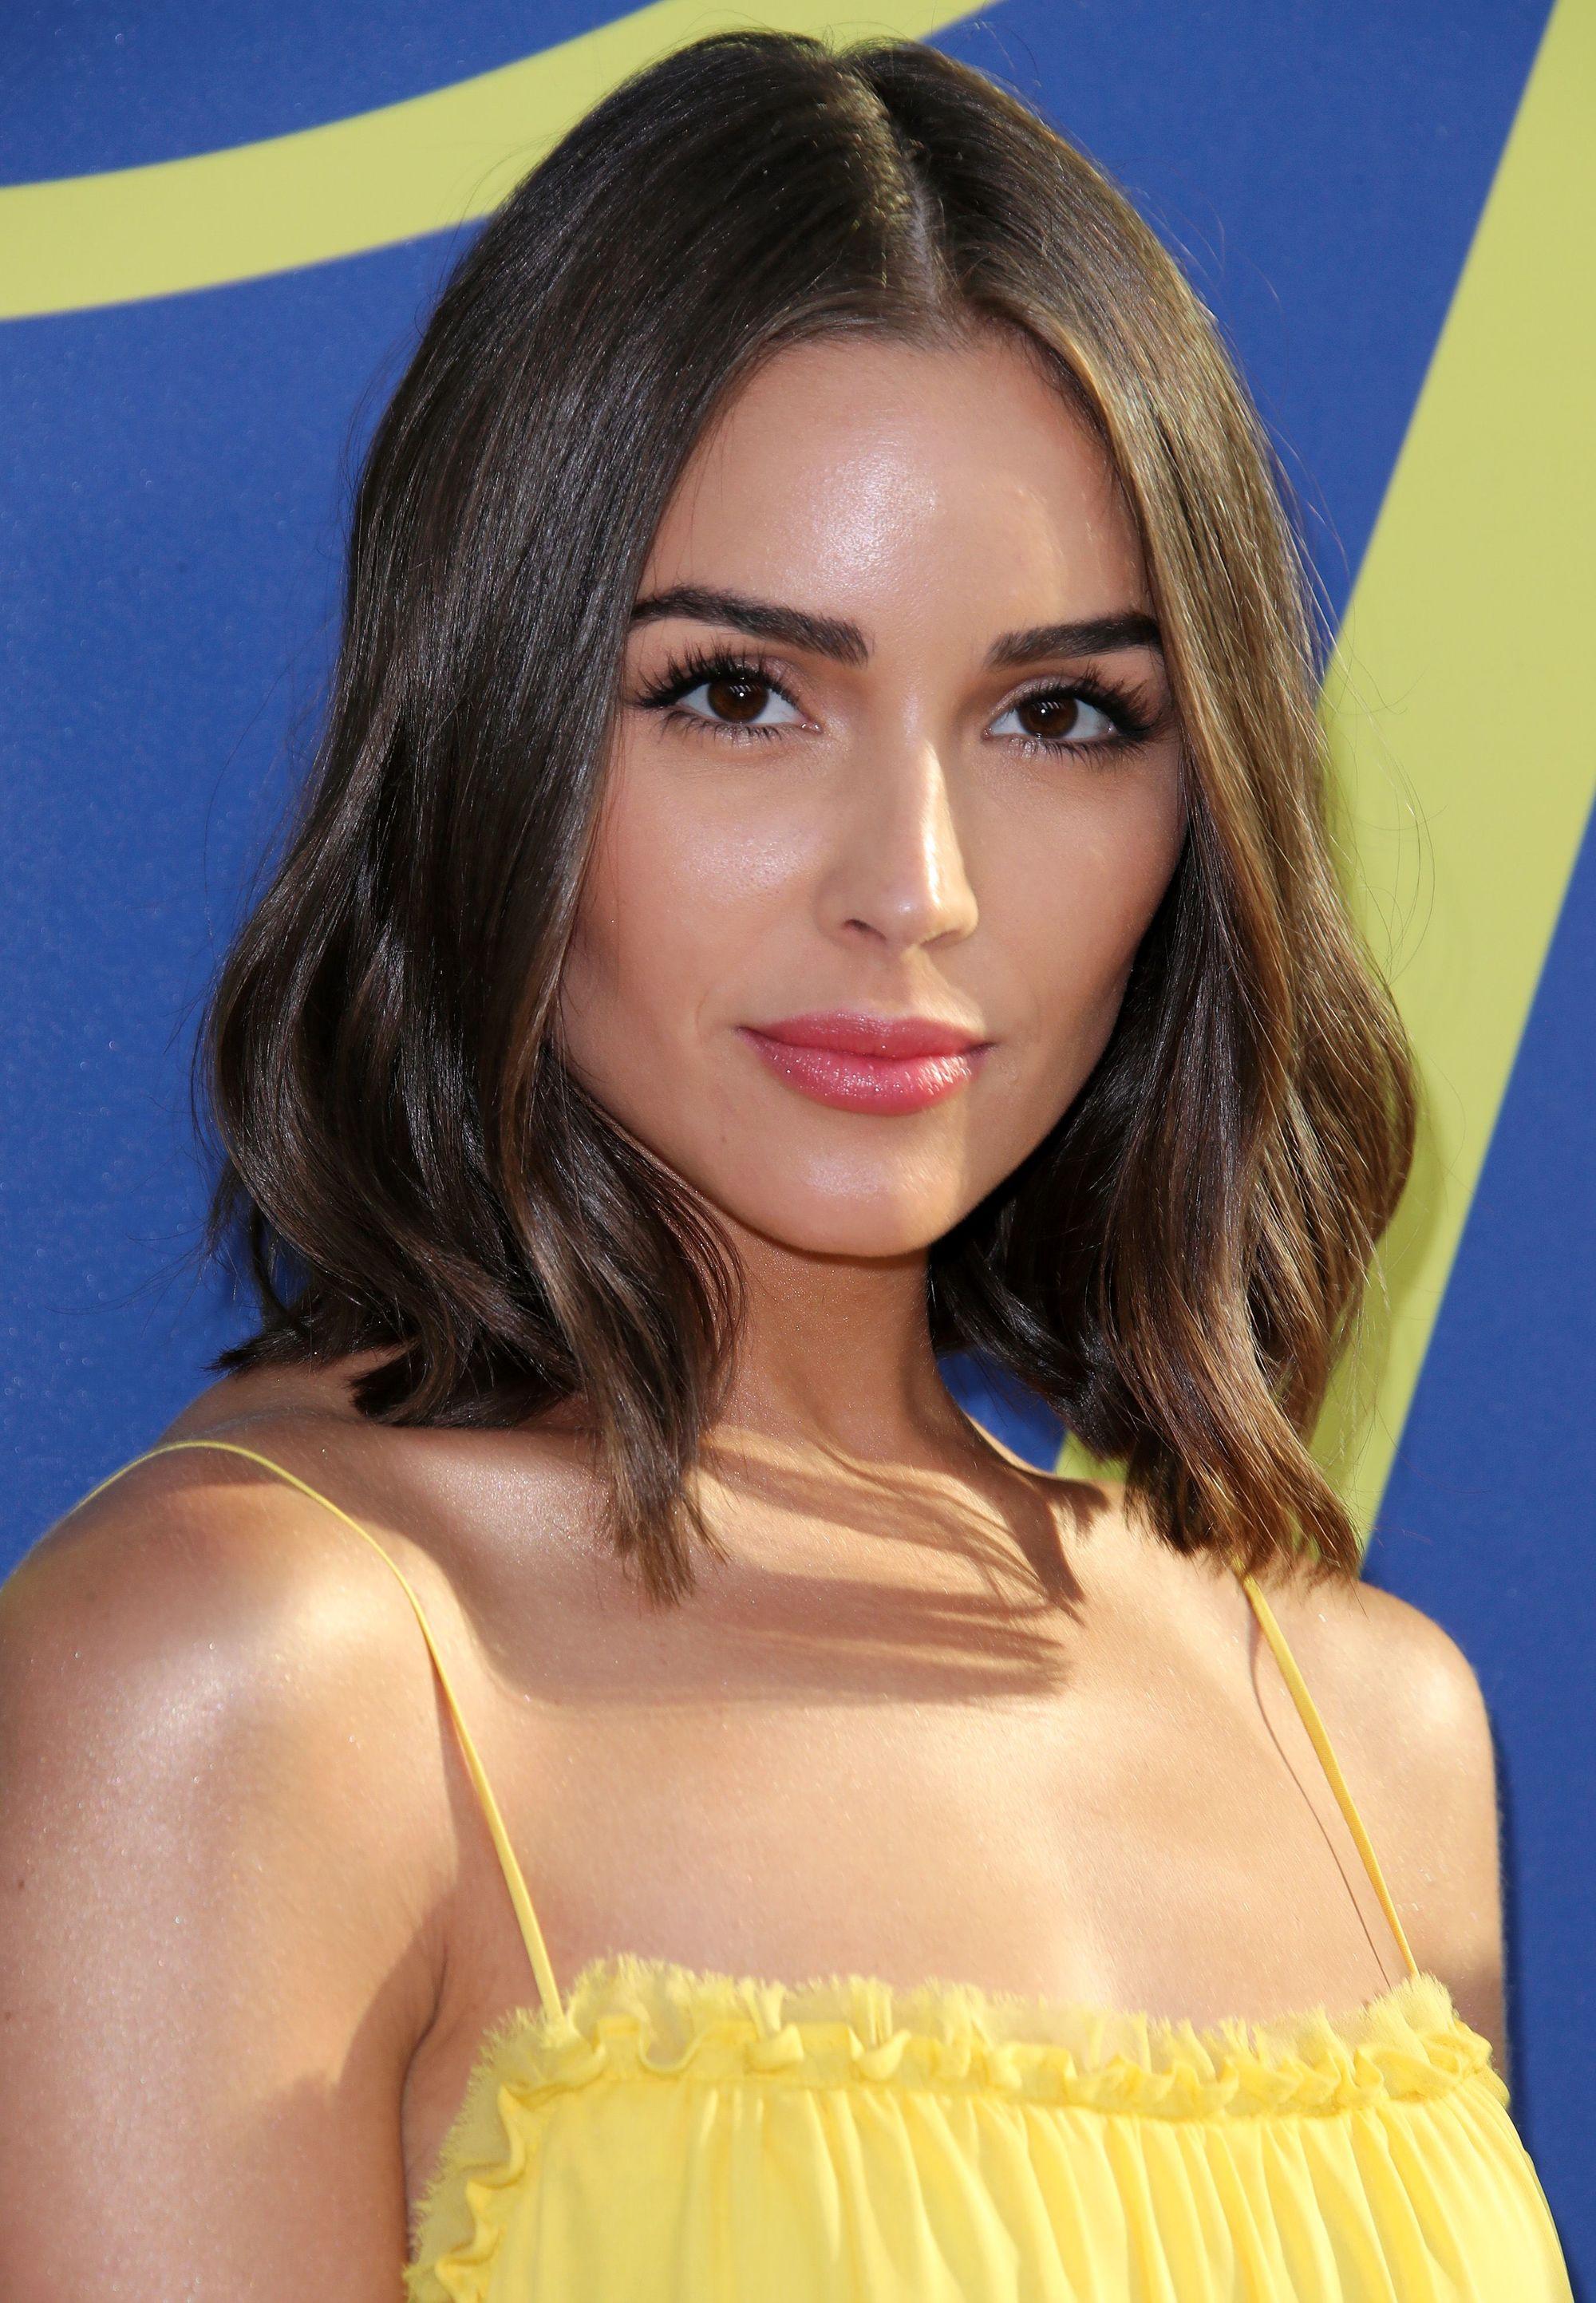 Femme avec une coupe de bob français brune